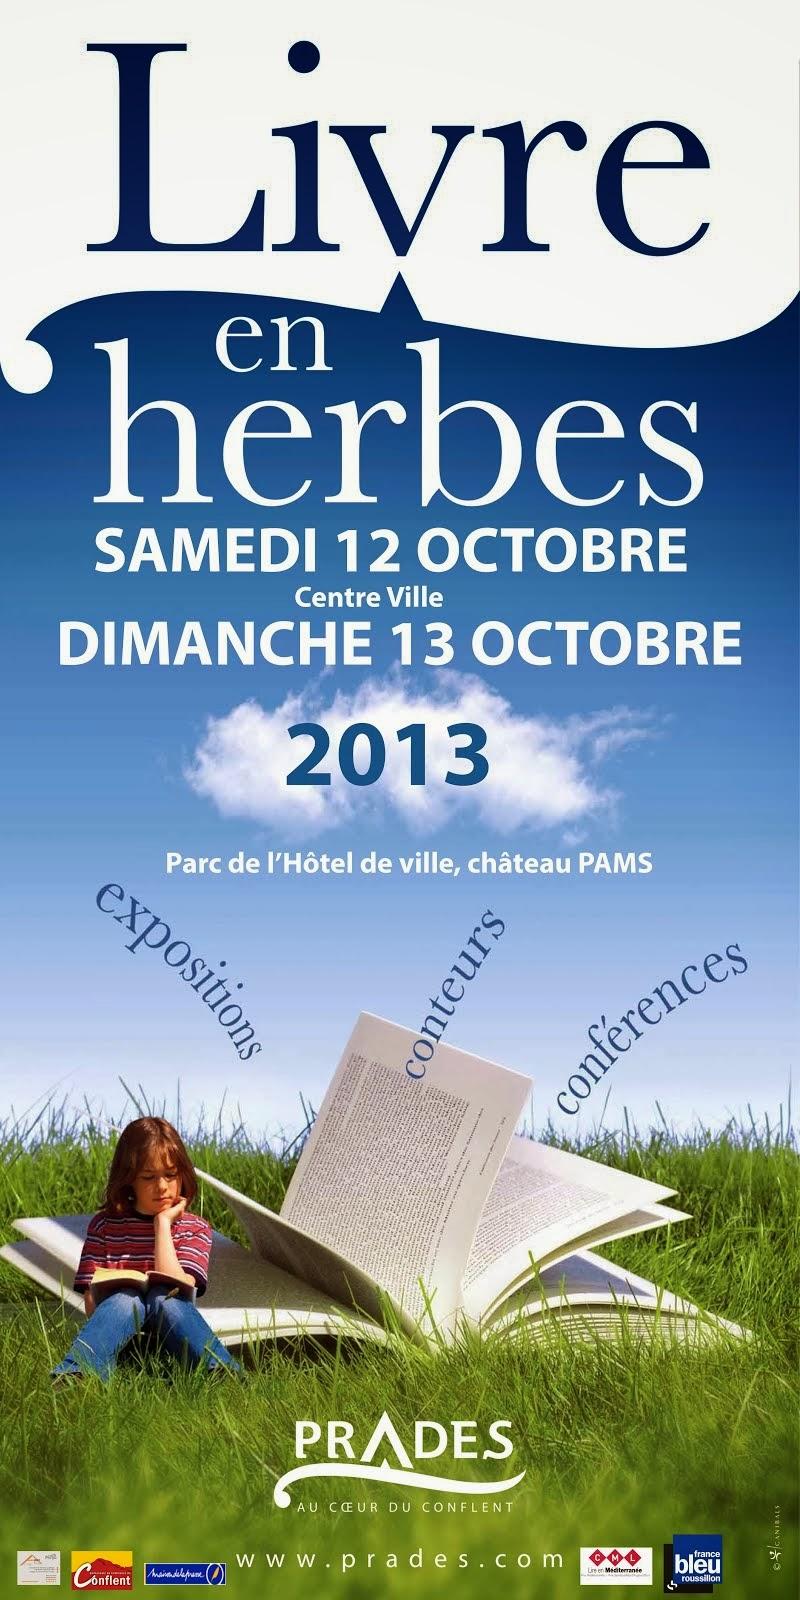 Livre en Herbes 2013